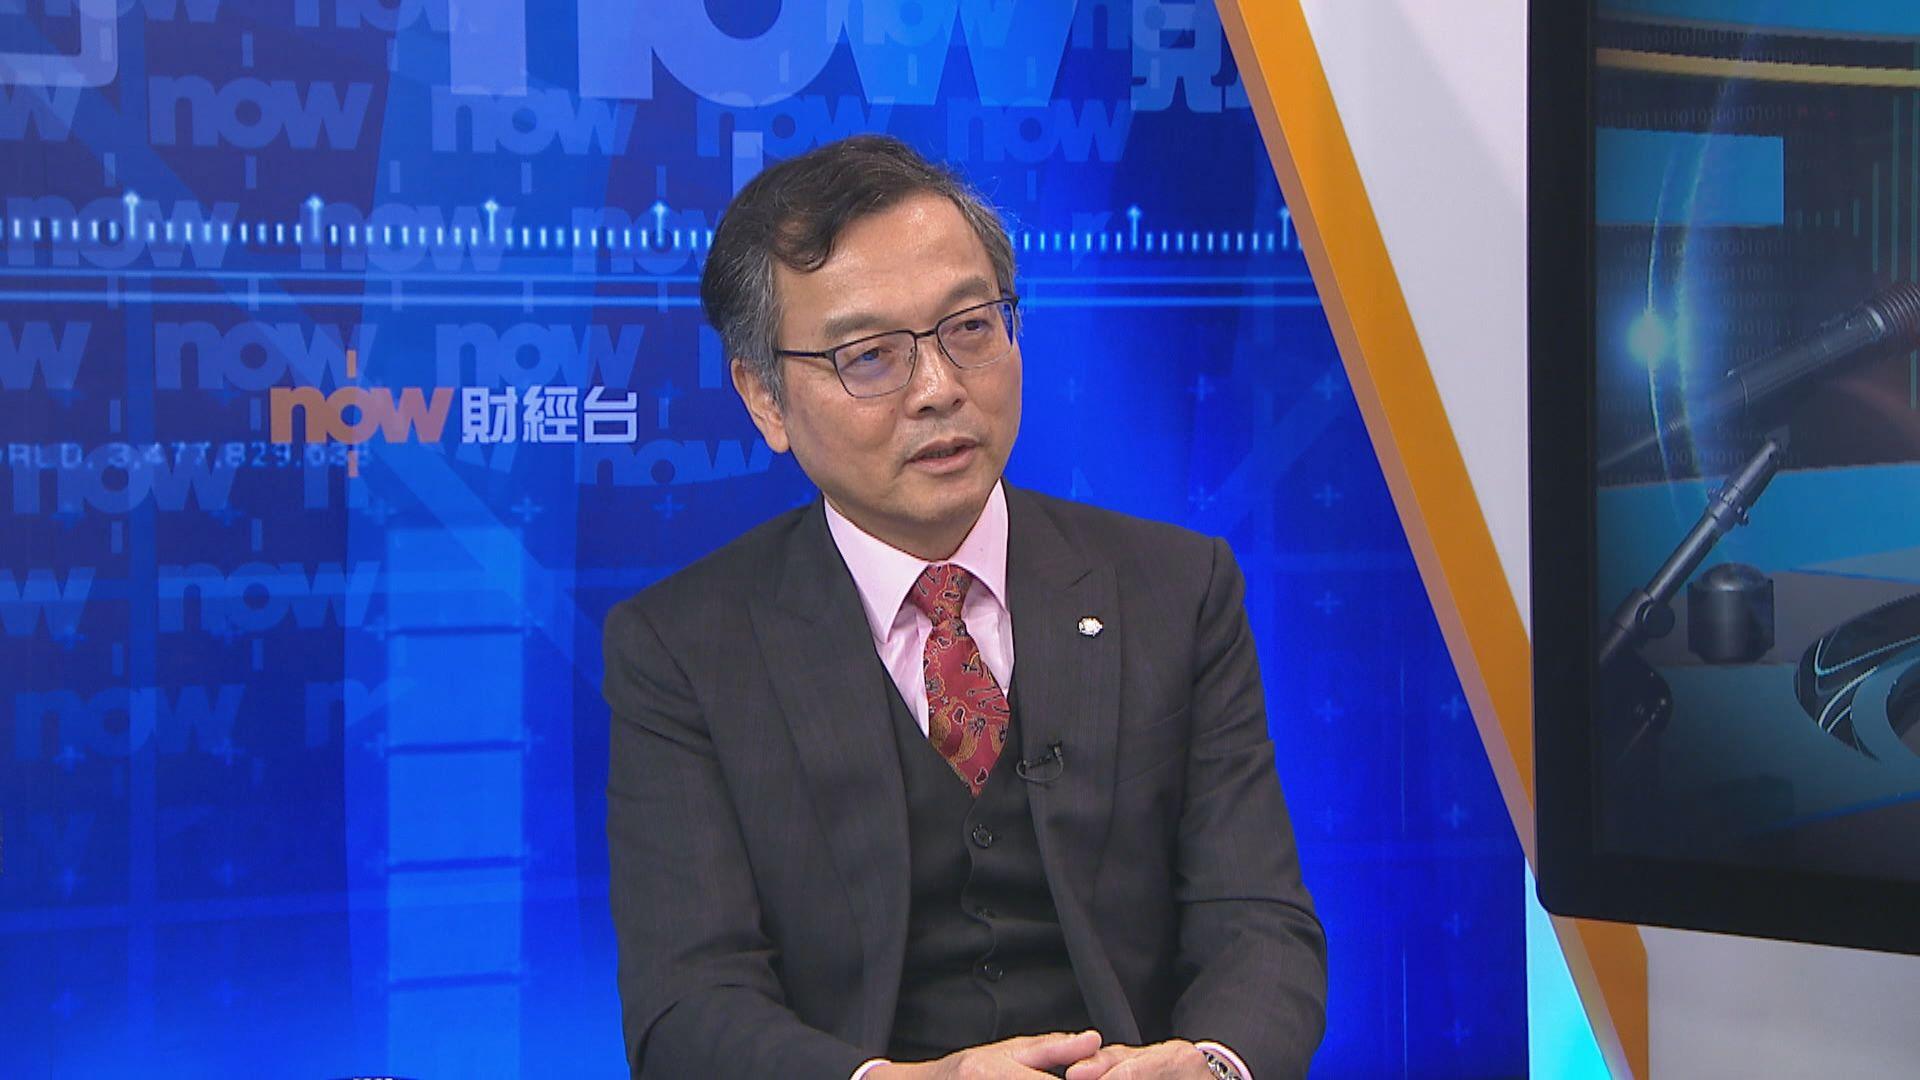 林正財:政府防疫重視專家意見 市民可放心